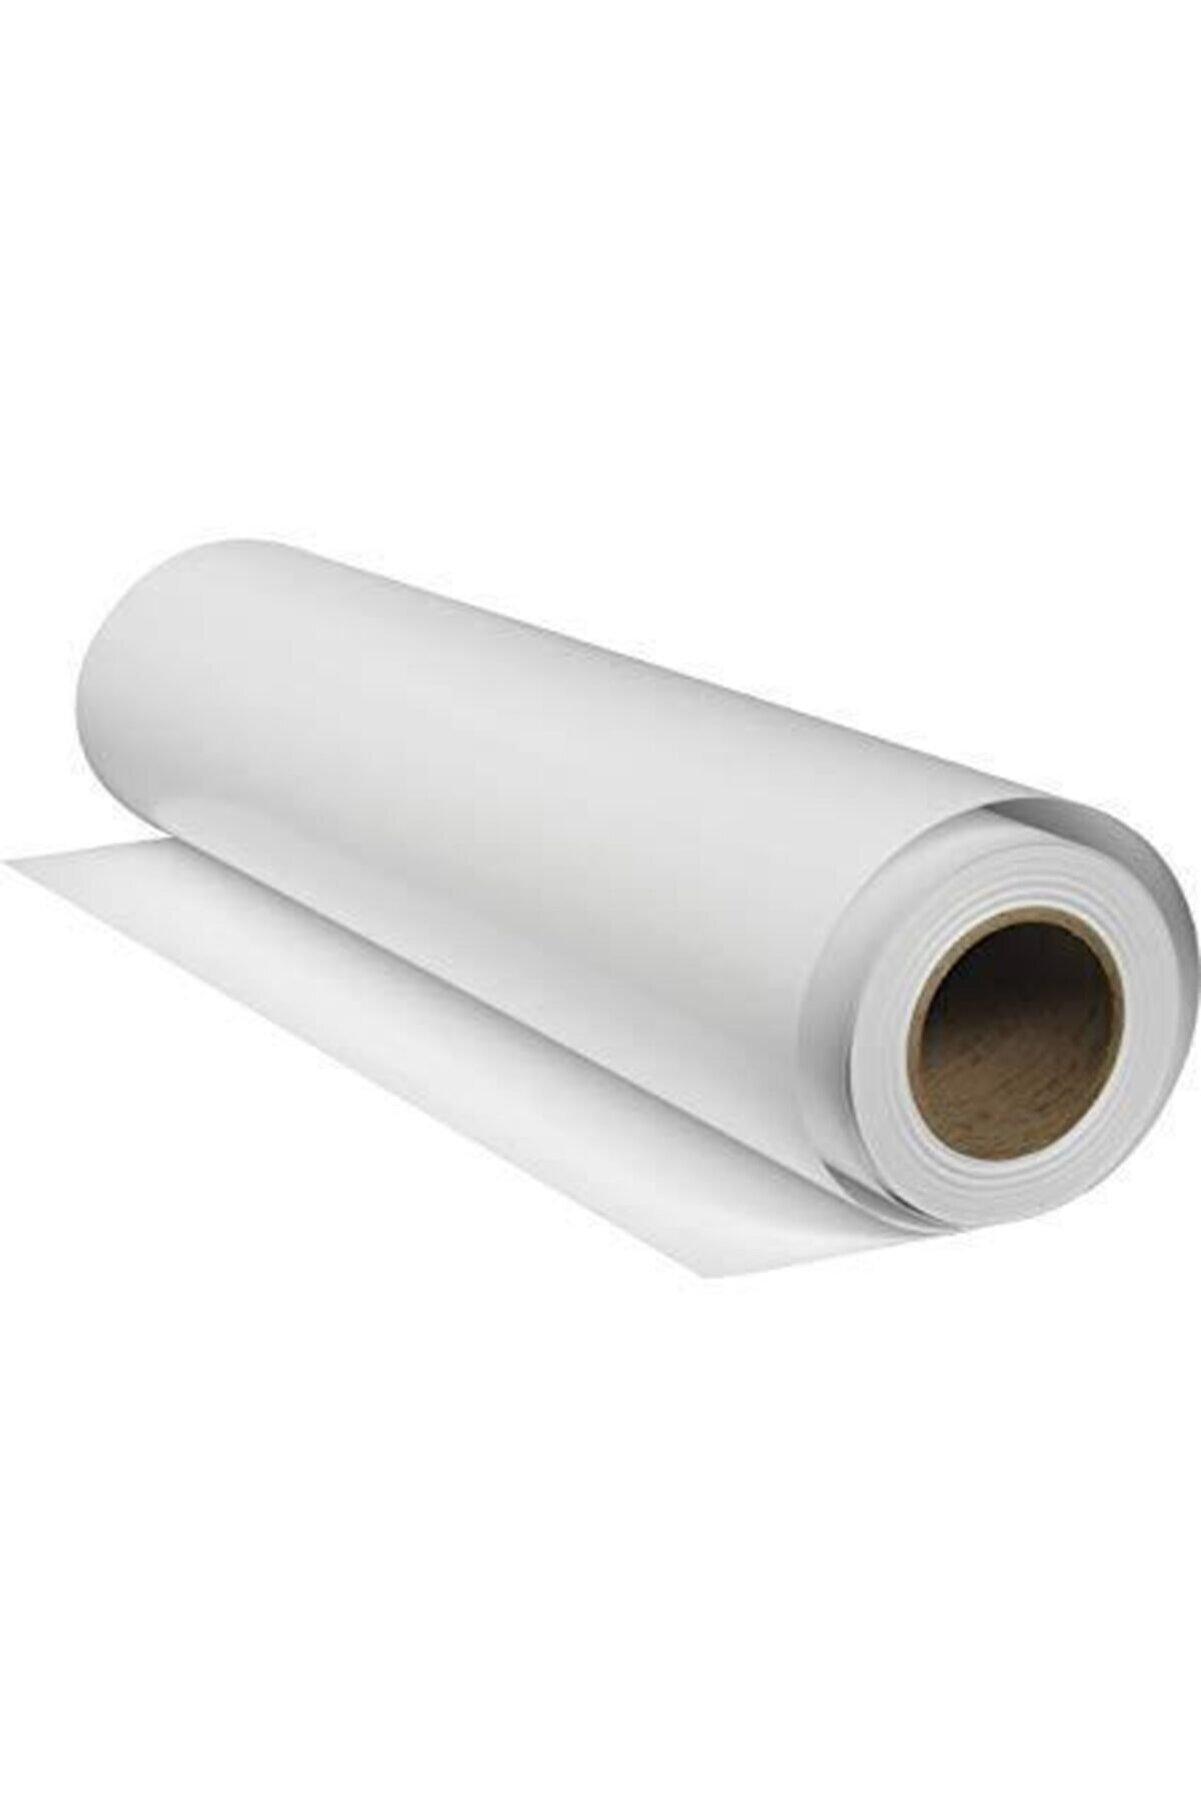 NewVario Mobilya Dolap Kaplama Folyosu Mat Beyaz 50 Cm-4 Metre